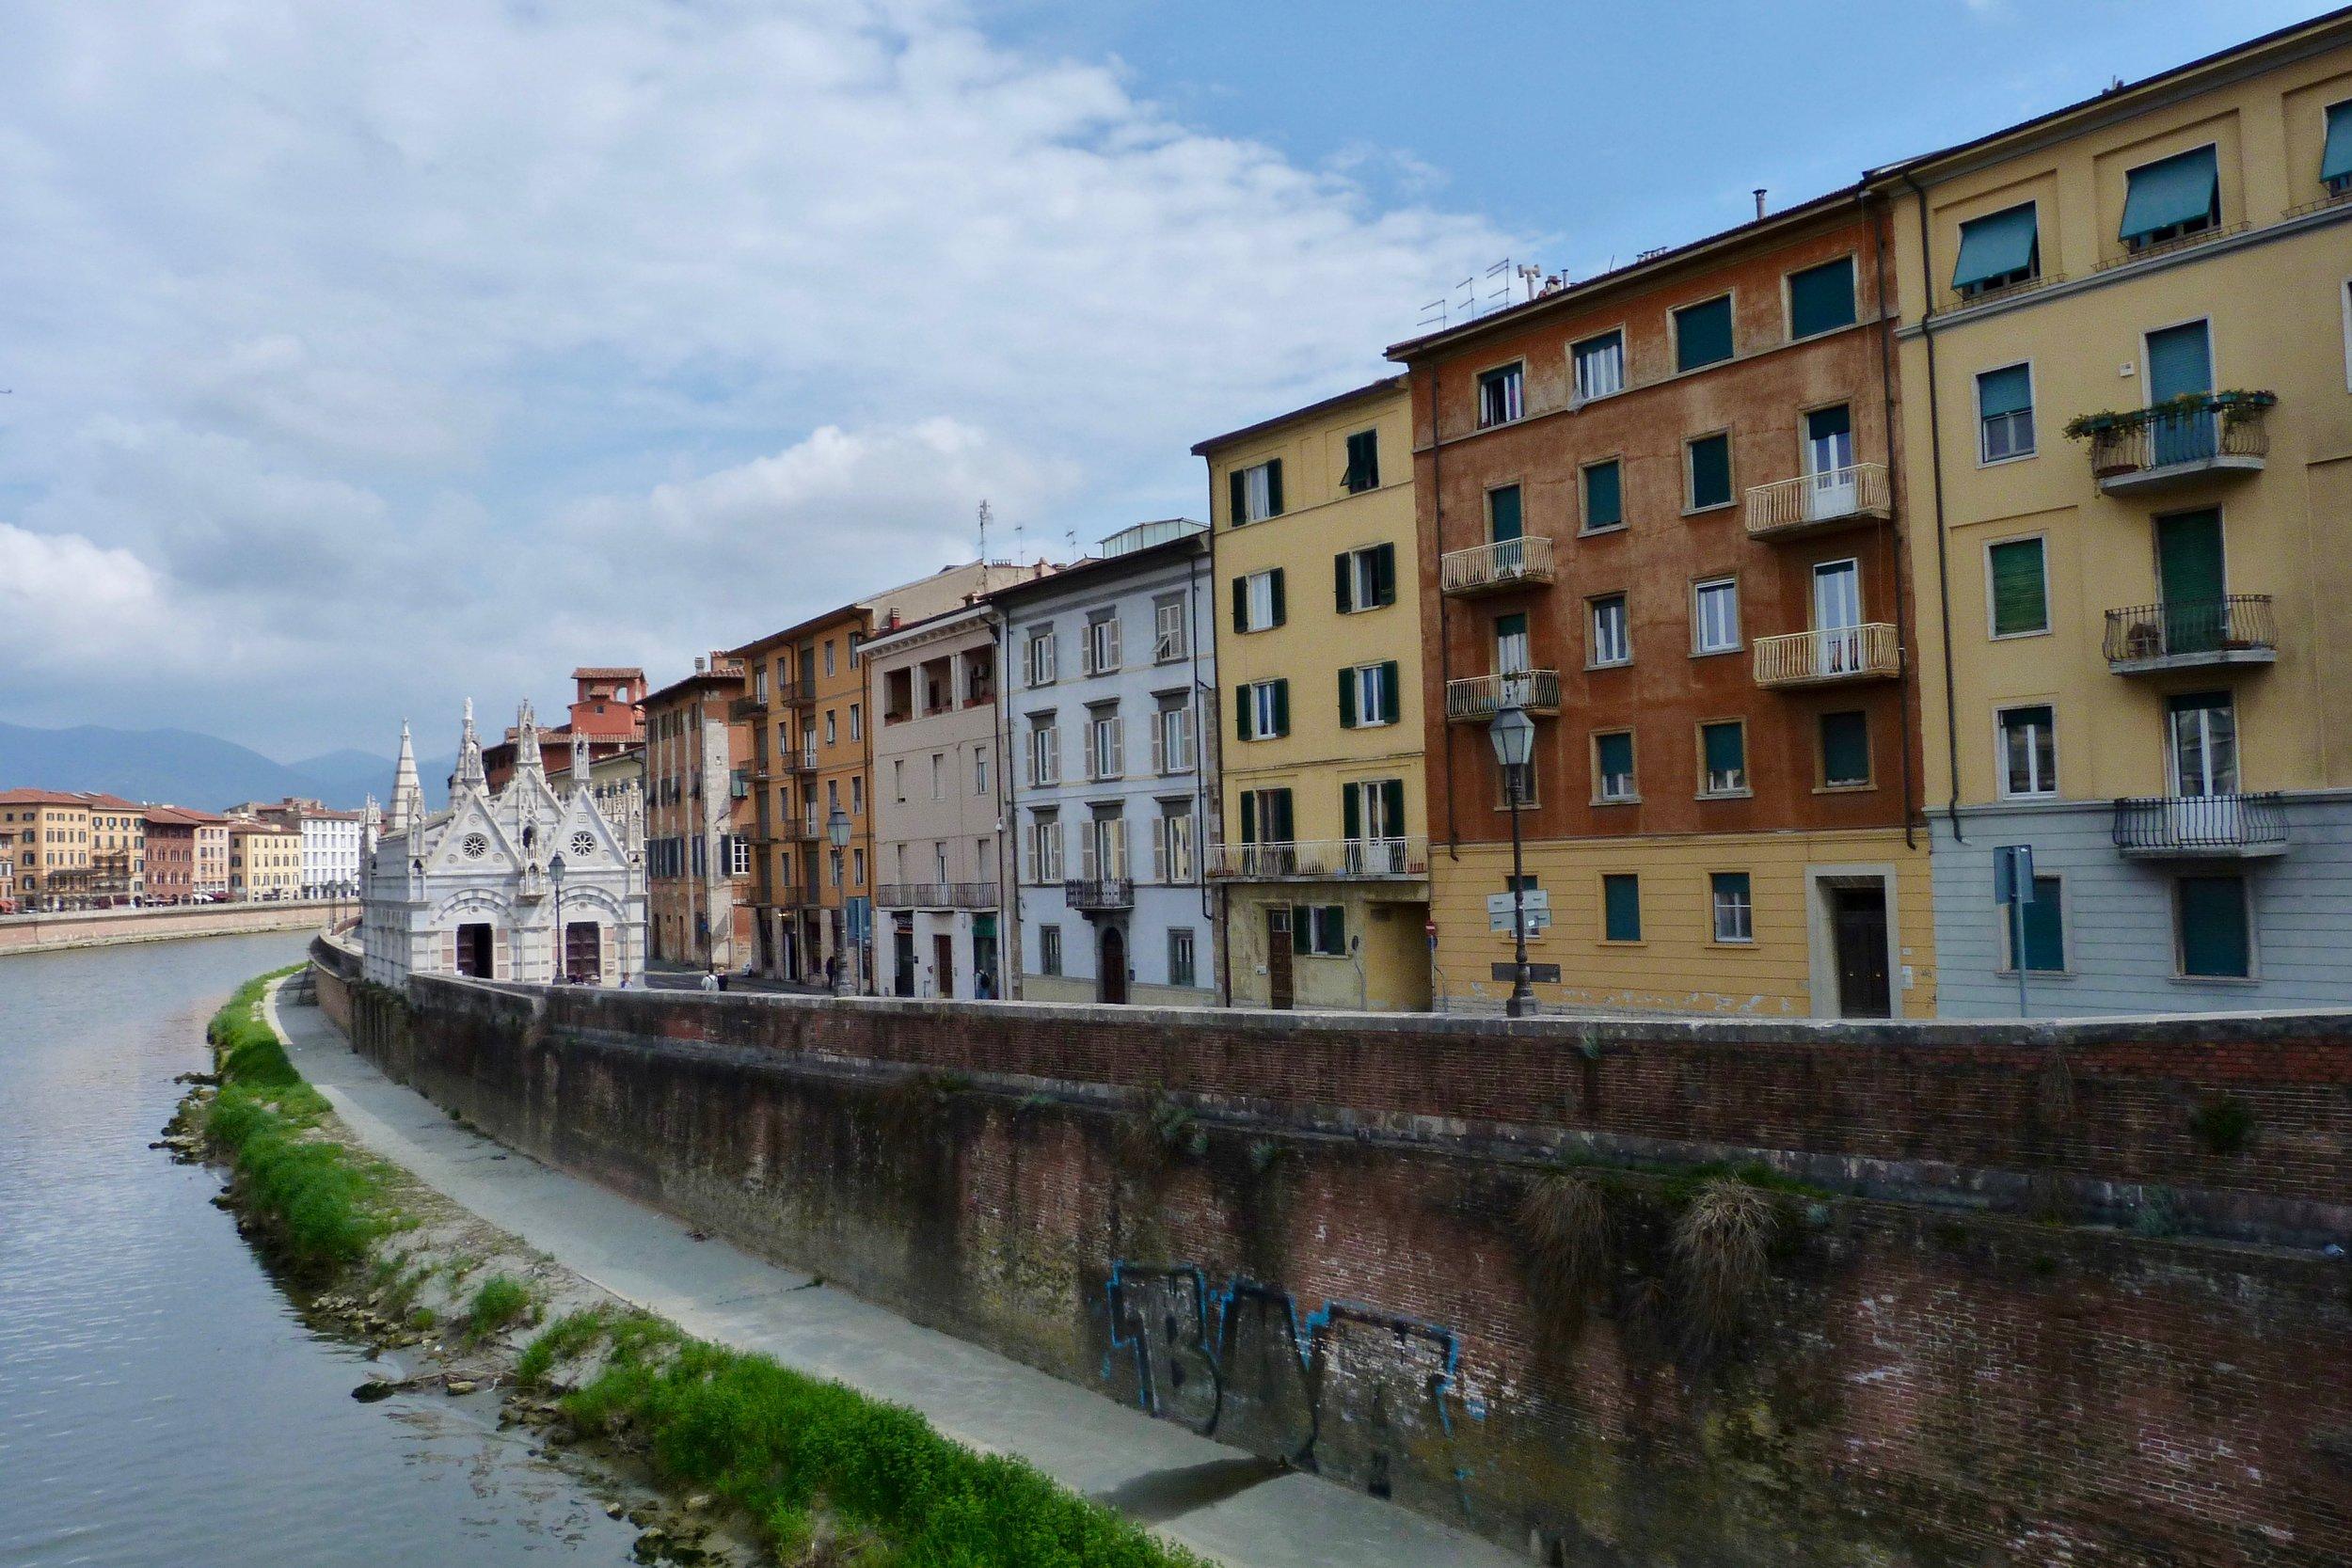 Sur les berges de l'Arno